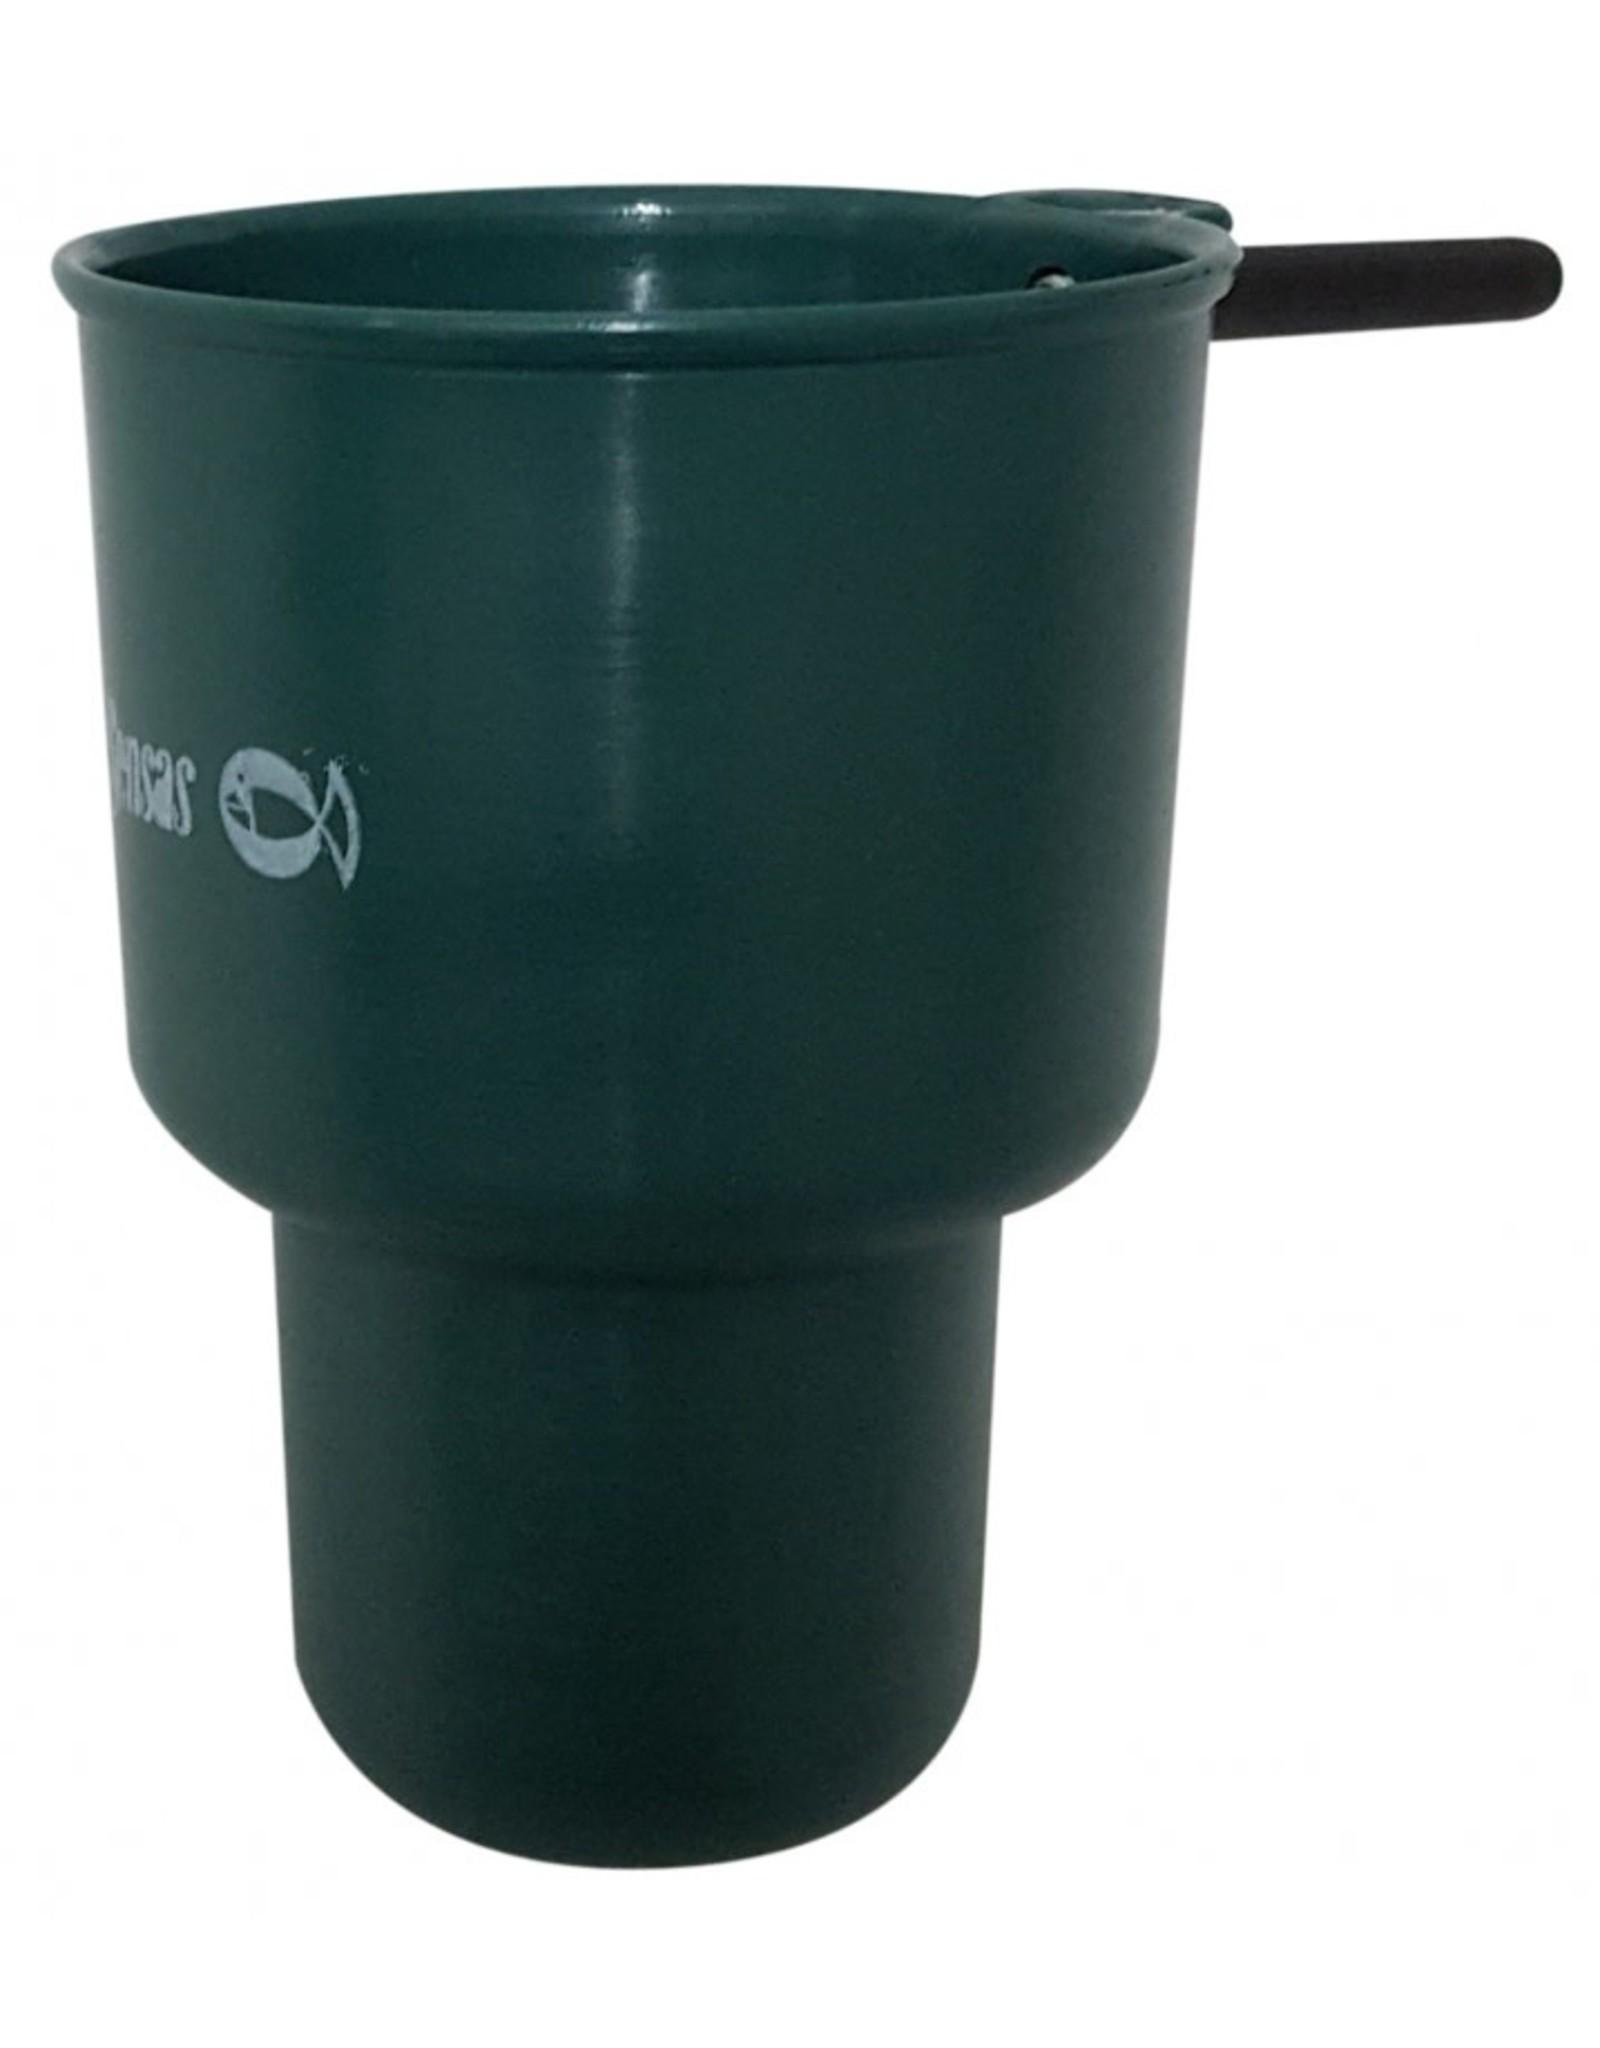 SENSAS CUP COMPETITION DUBBELE BODEM